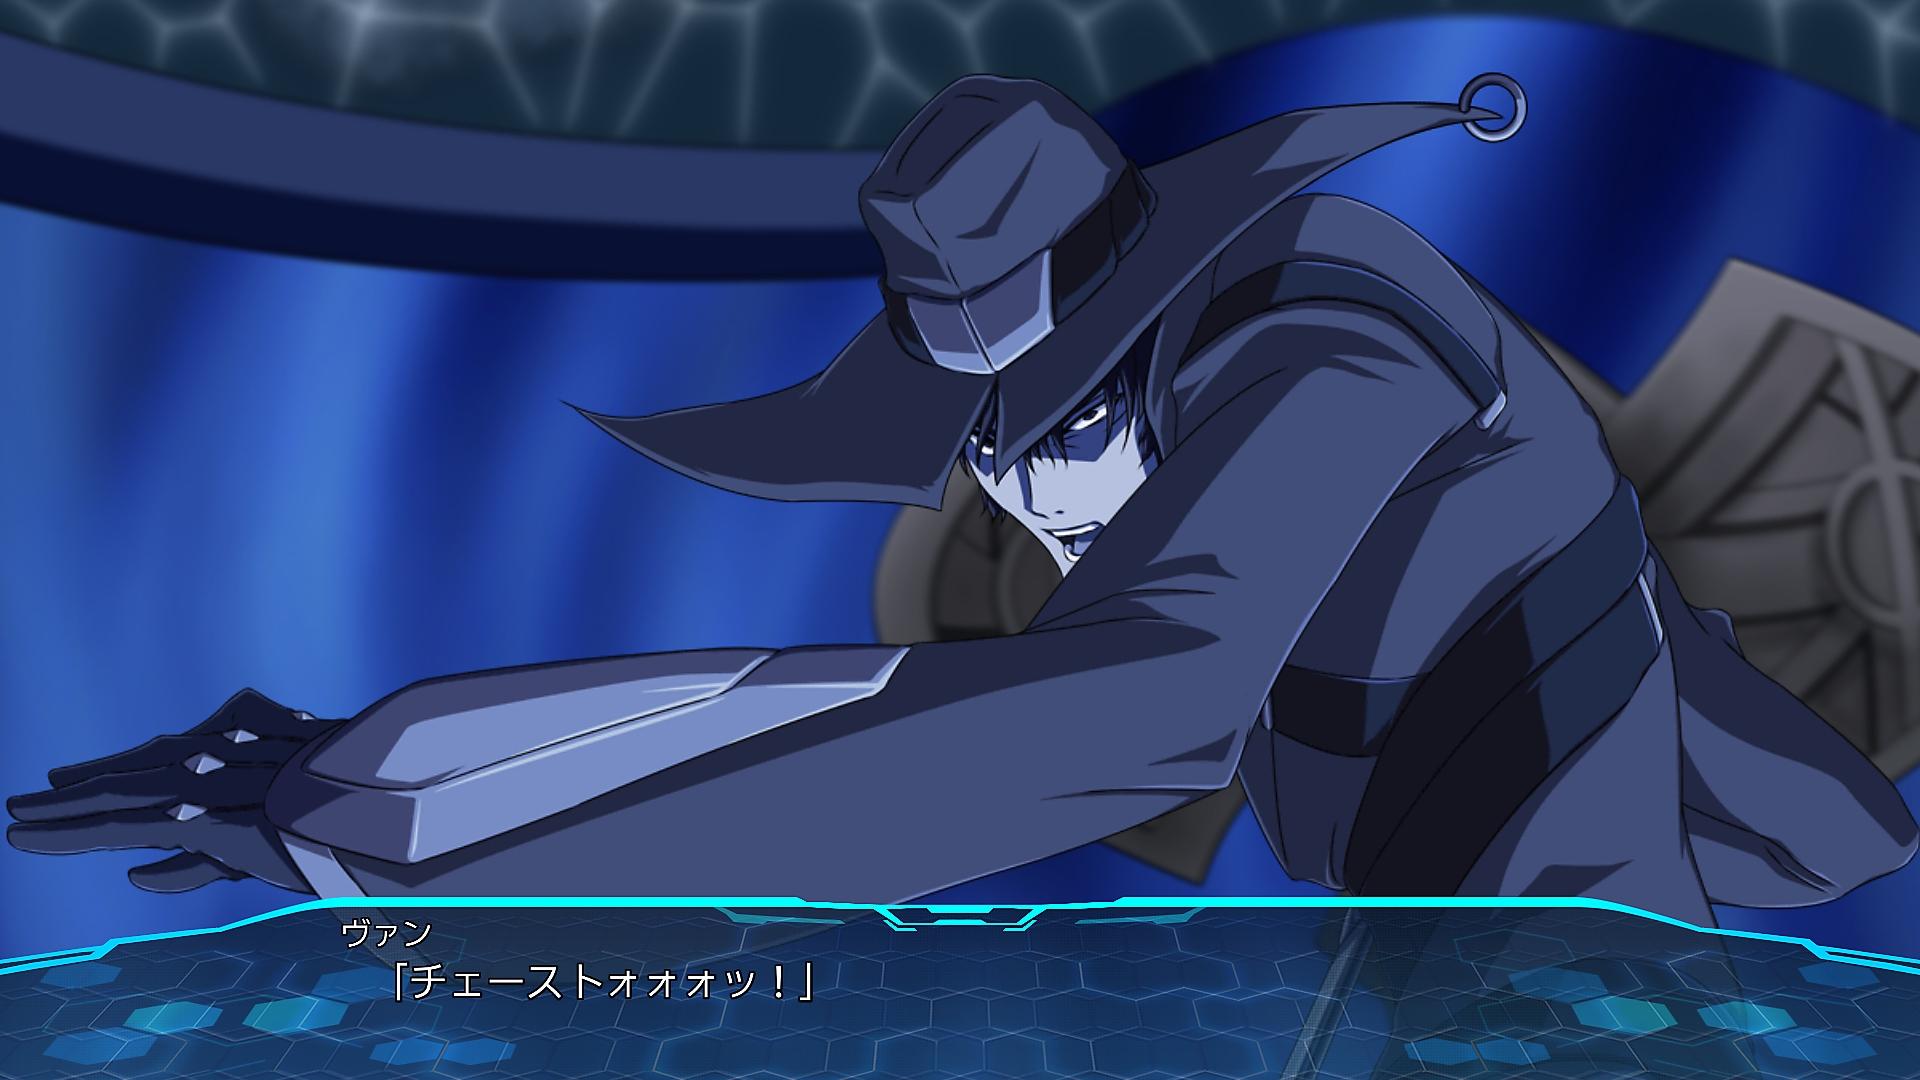 スーパーロボット大戦30 - Gallery Screenshot 6